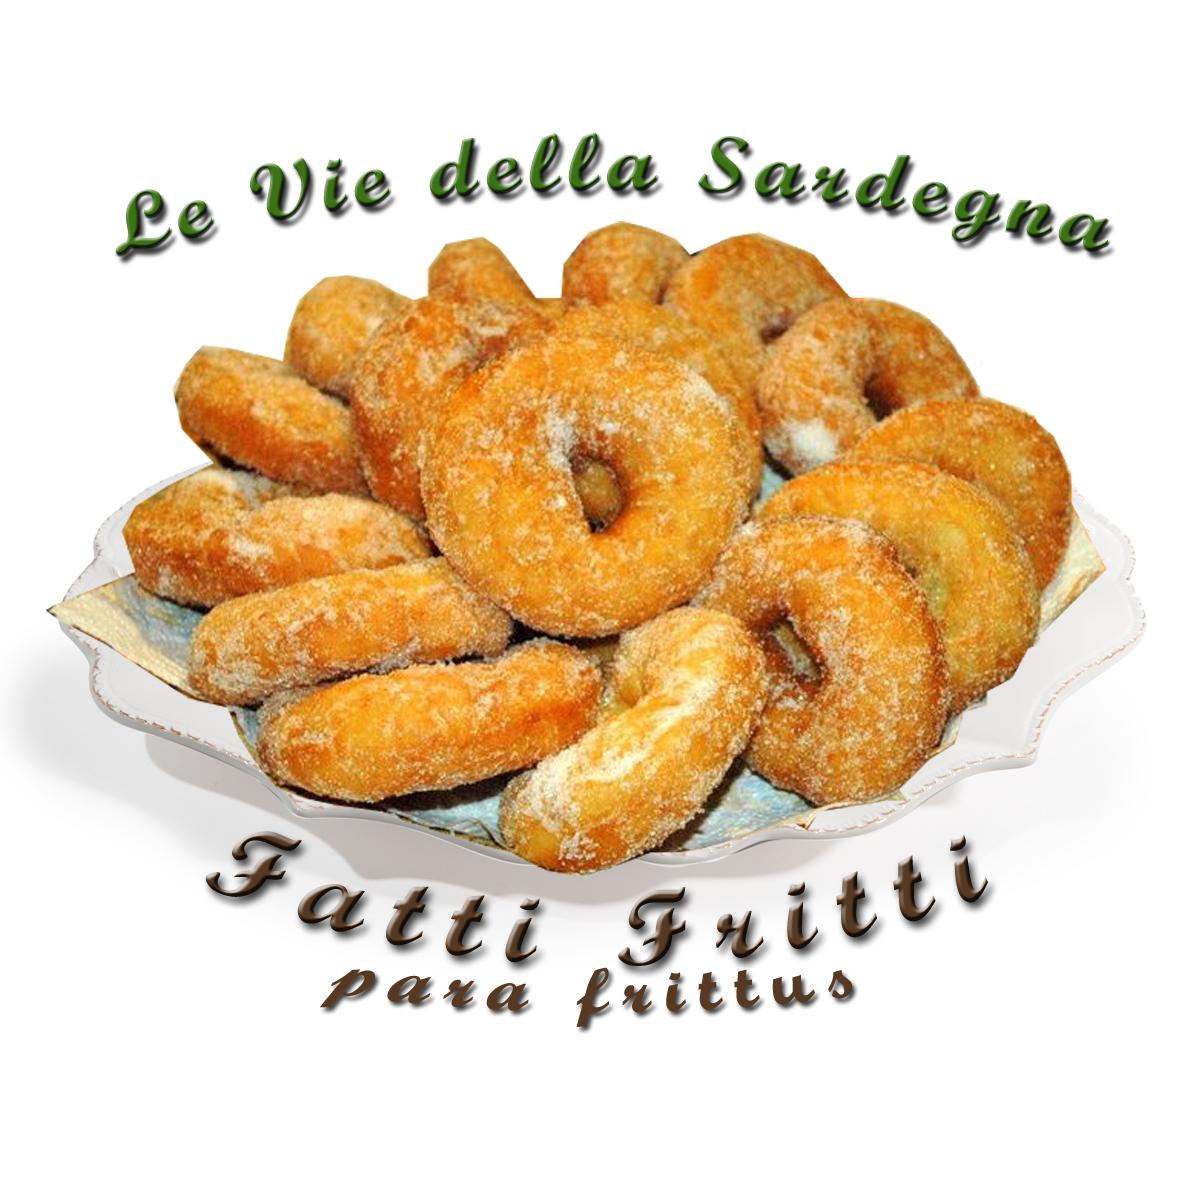 Fatti Fritti Para Frittus - ricetta originale cucina tipica sarda del Portale Le Vie della Sardegna